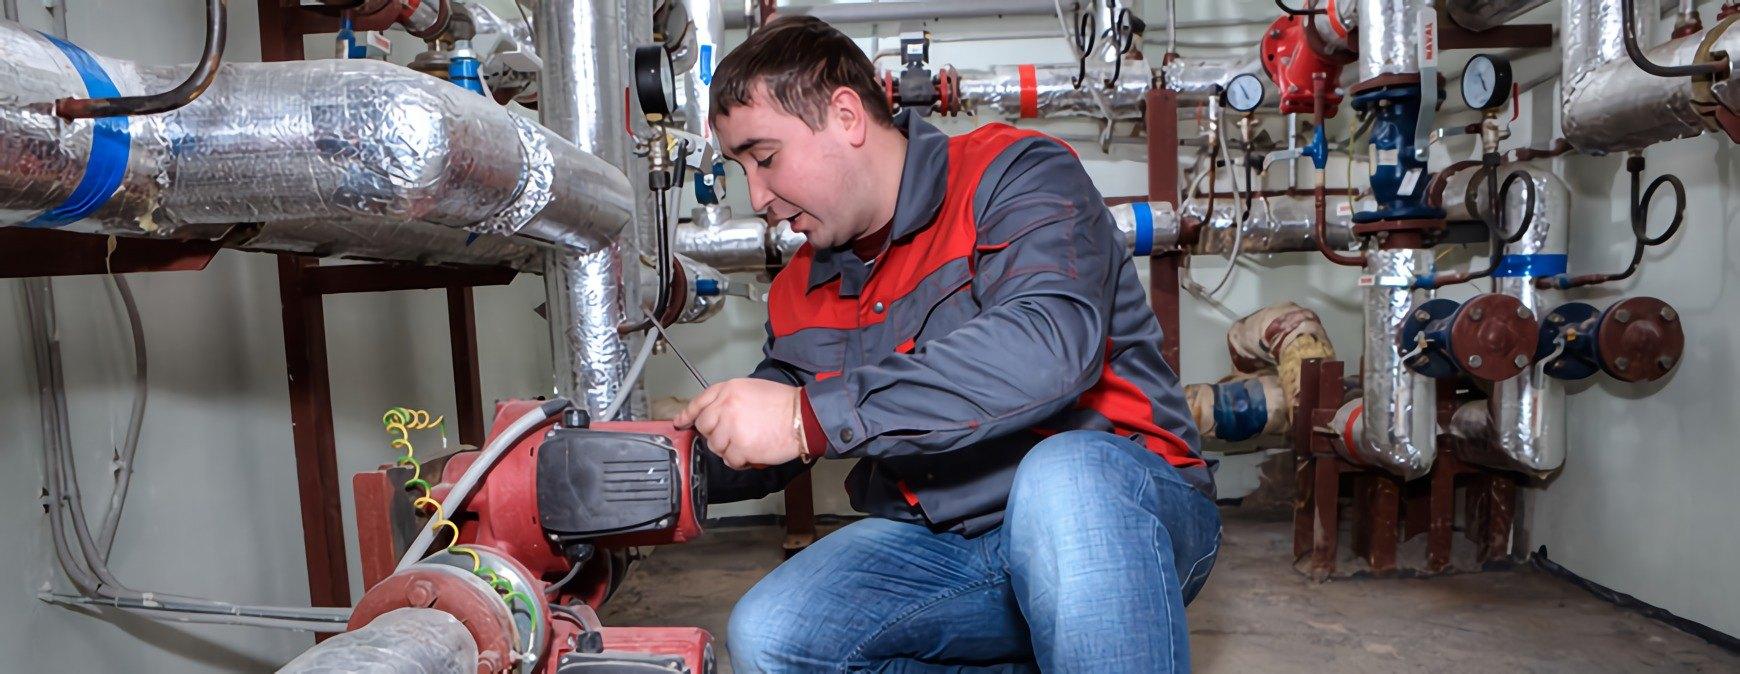 boiler room operator